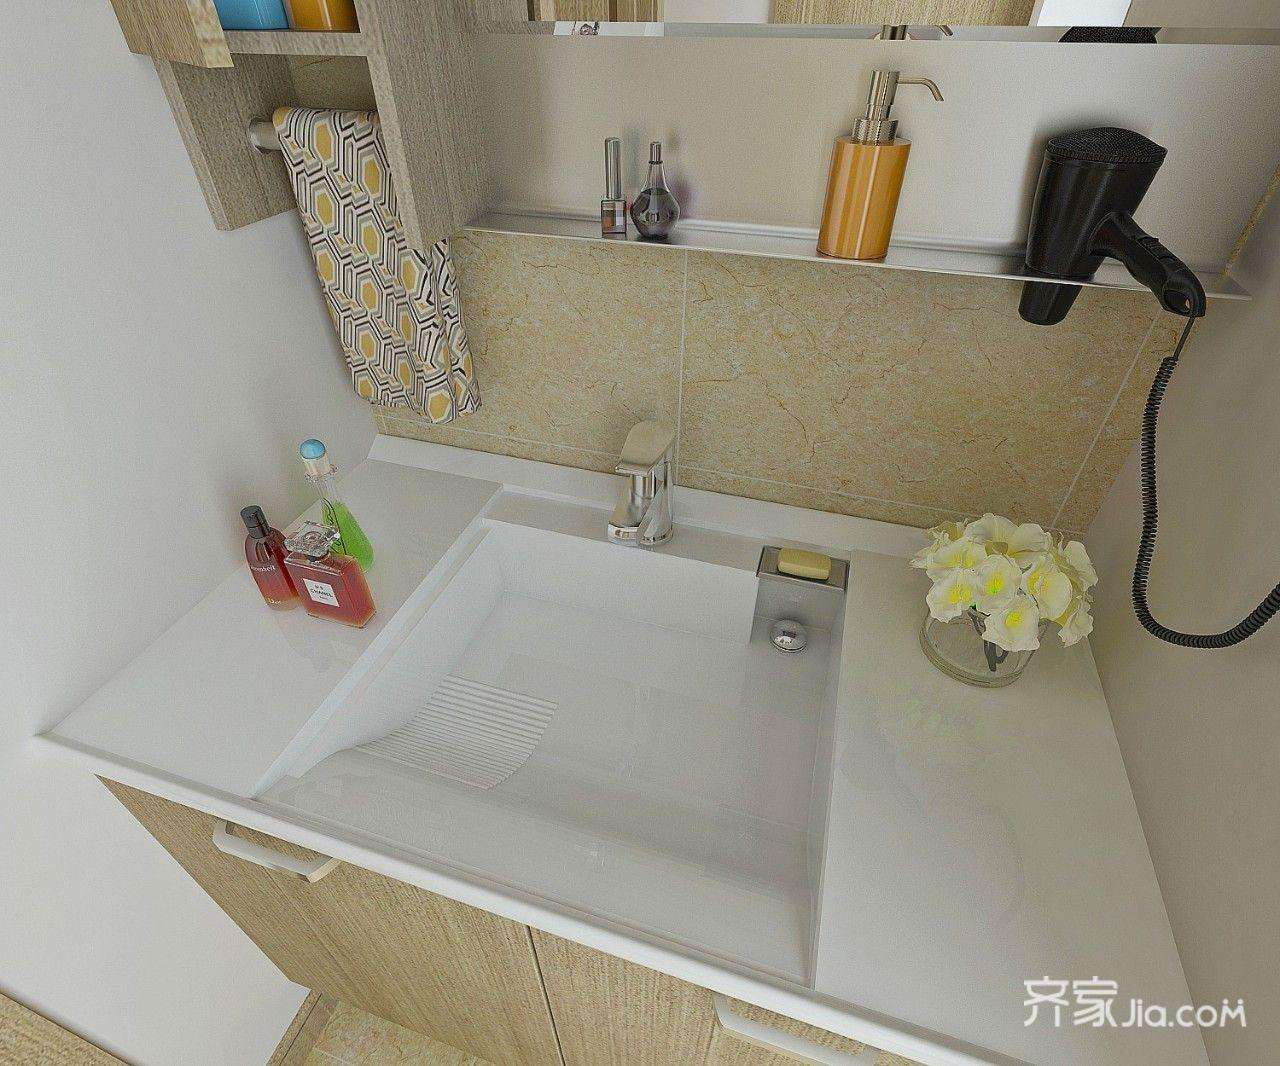 90㎡简约二居室洗手台装修效果图